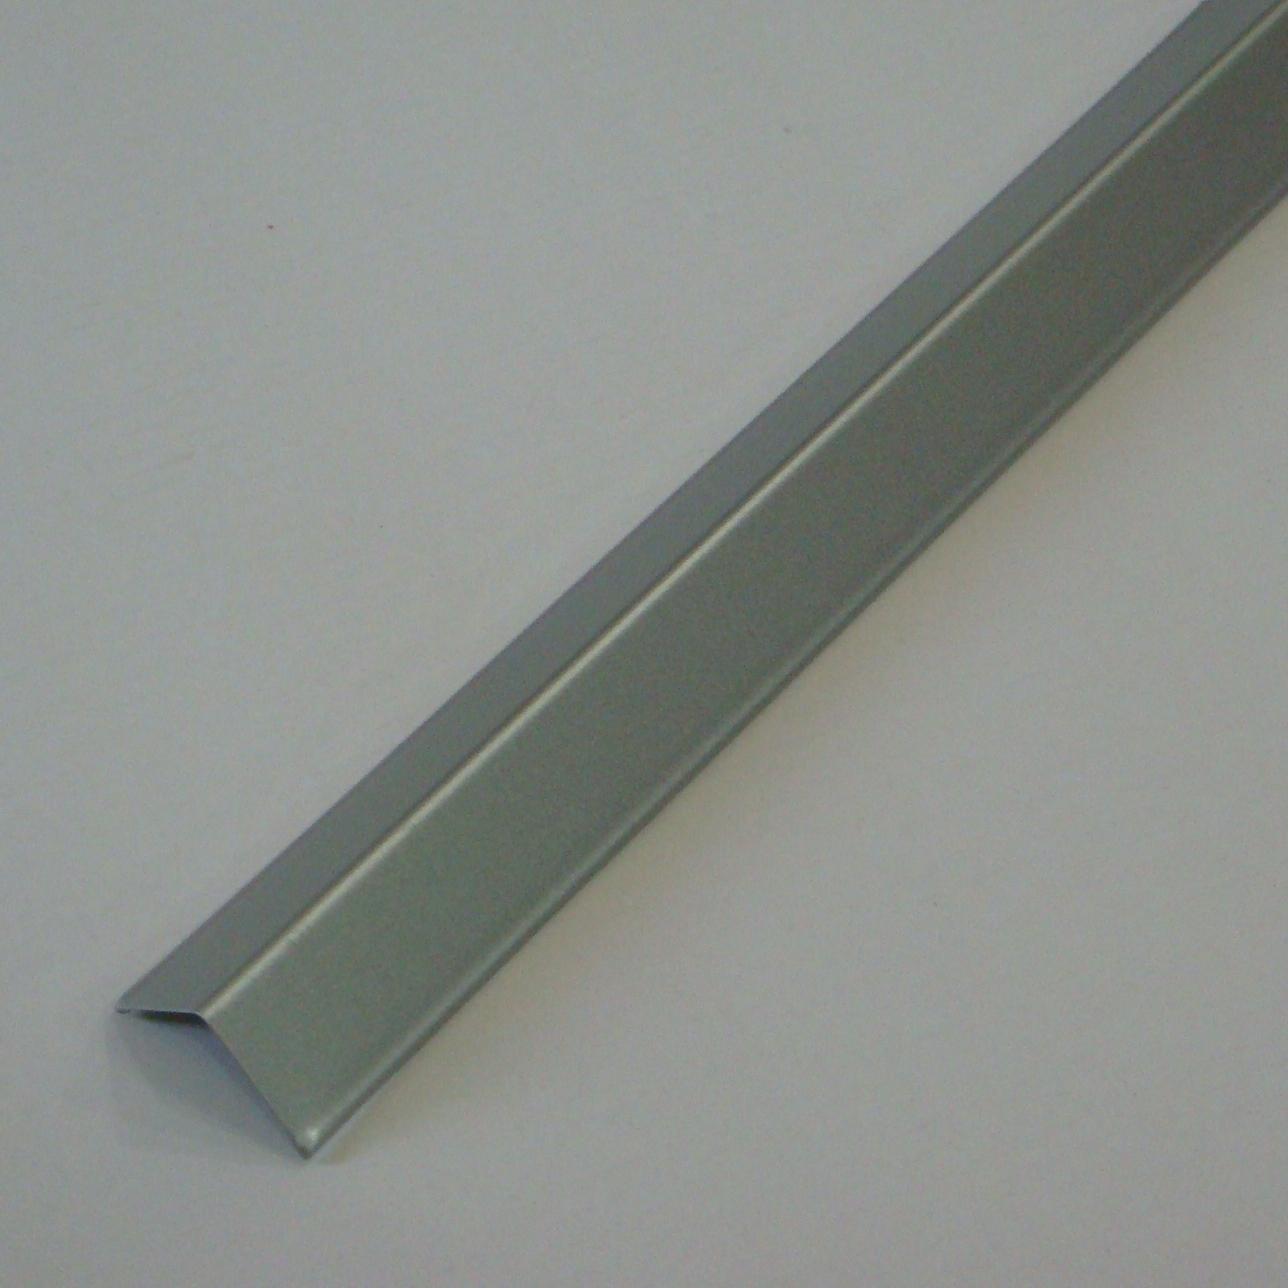 T15 Eliteline 4242 Long Range Suspended Ceiling Grid